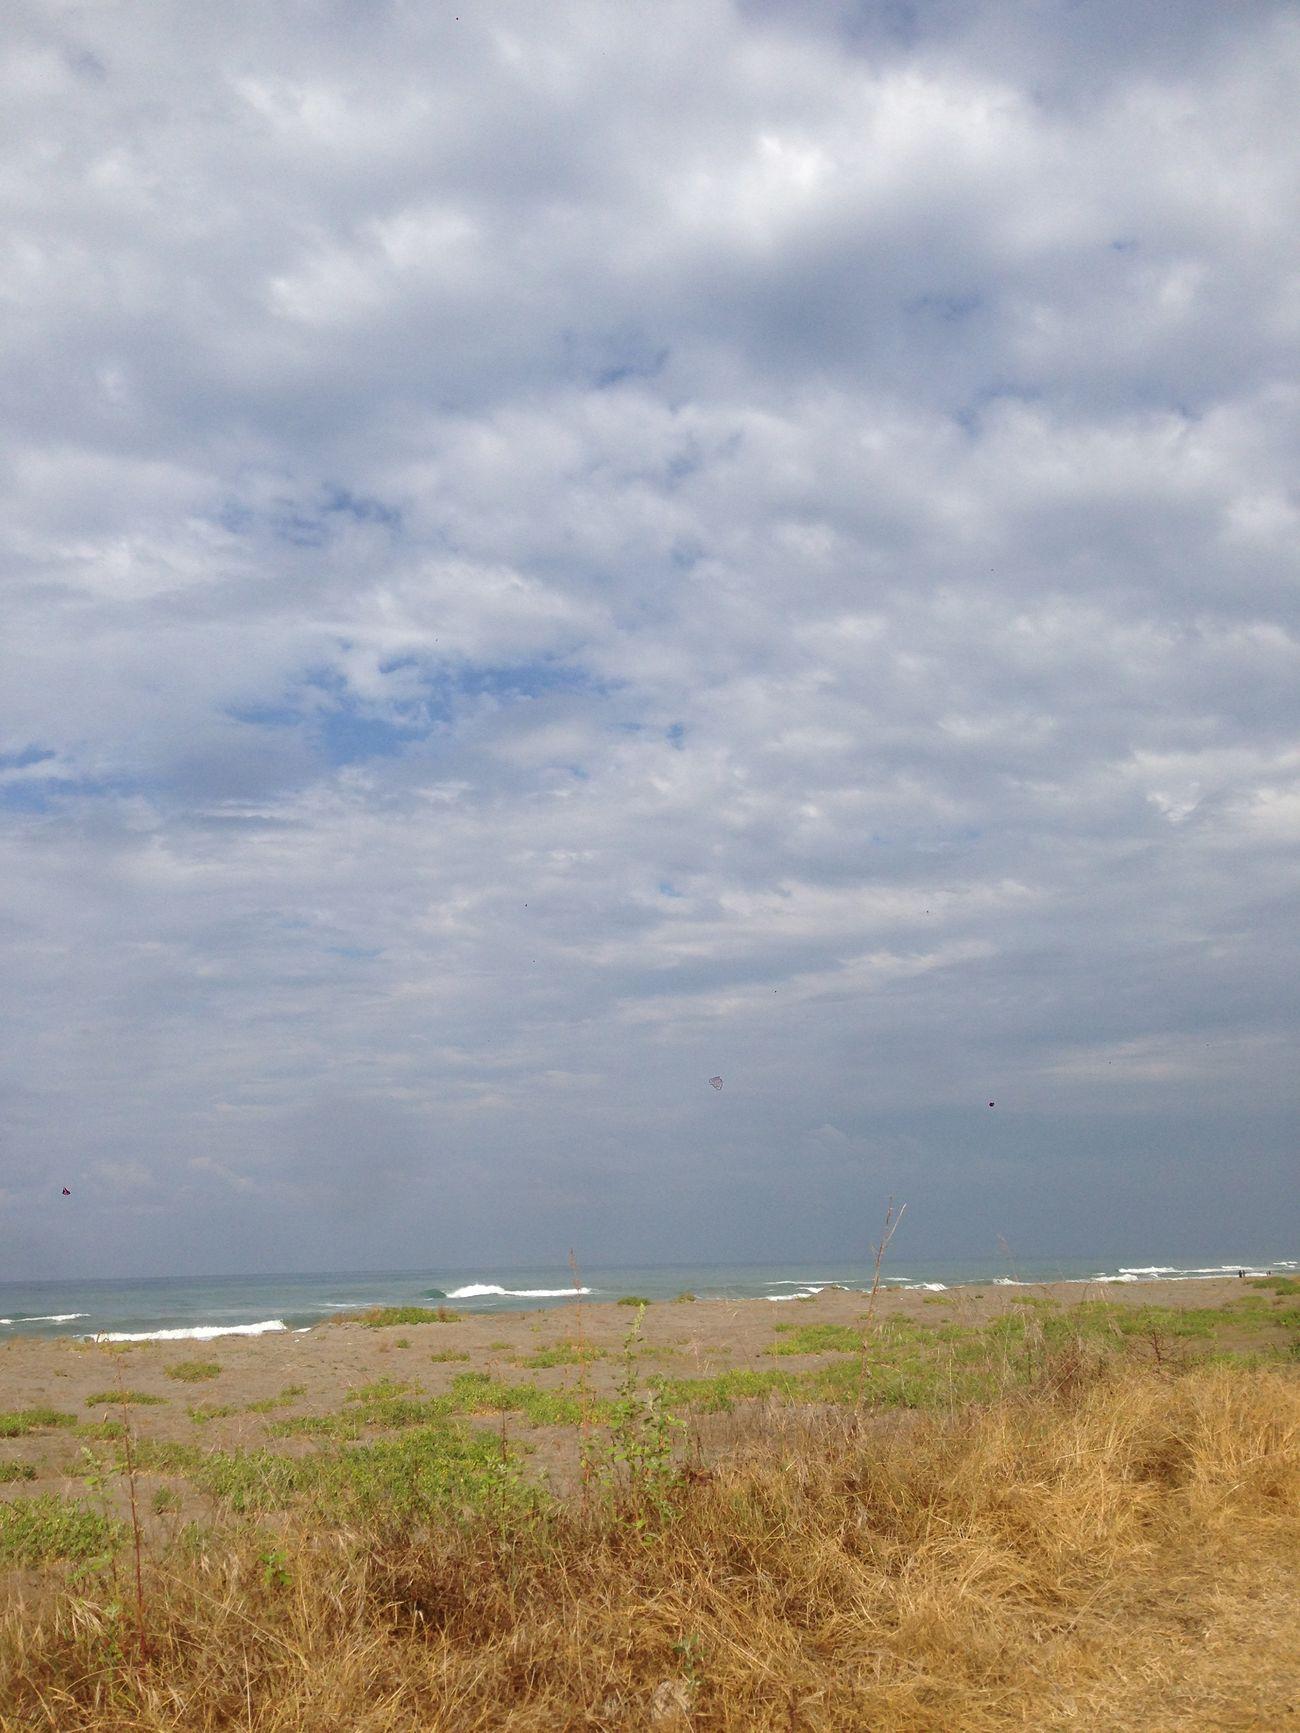 Sakarya Kocaali Manzara Deniz Doğa Like Sahil